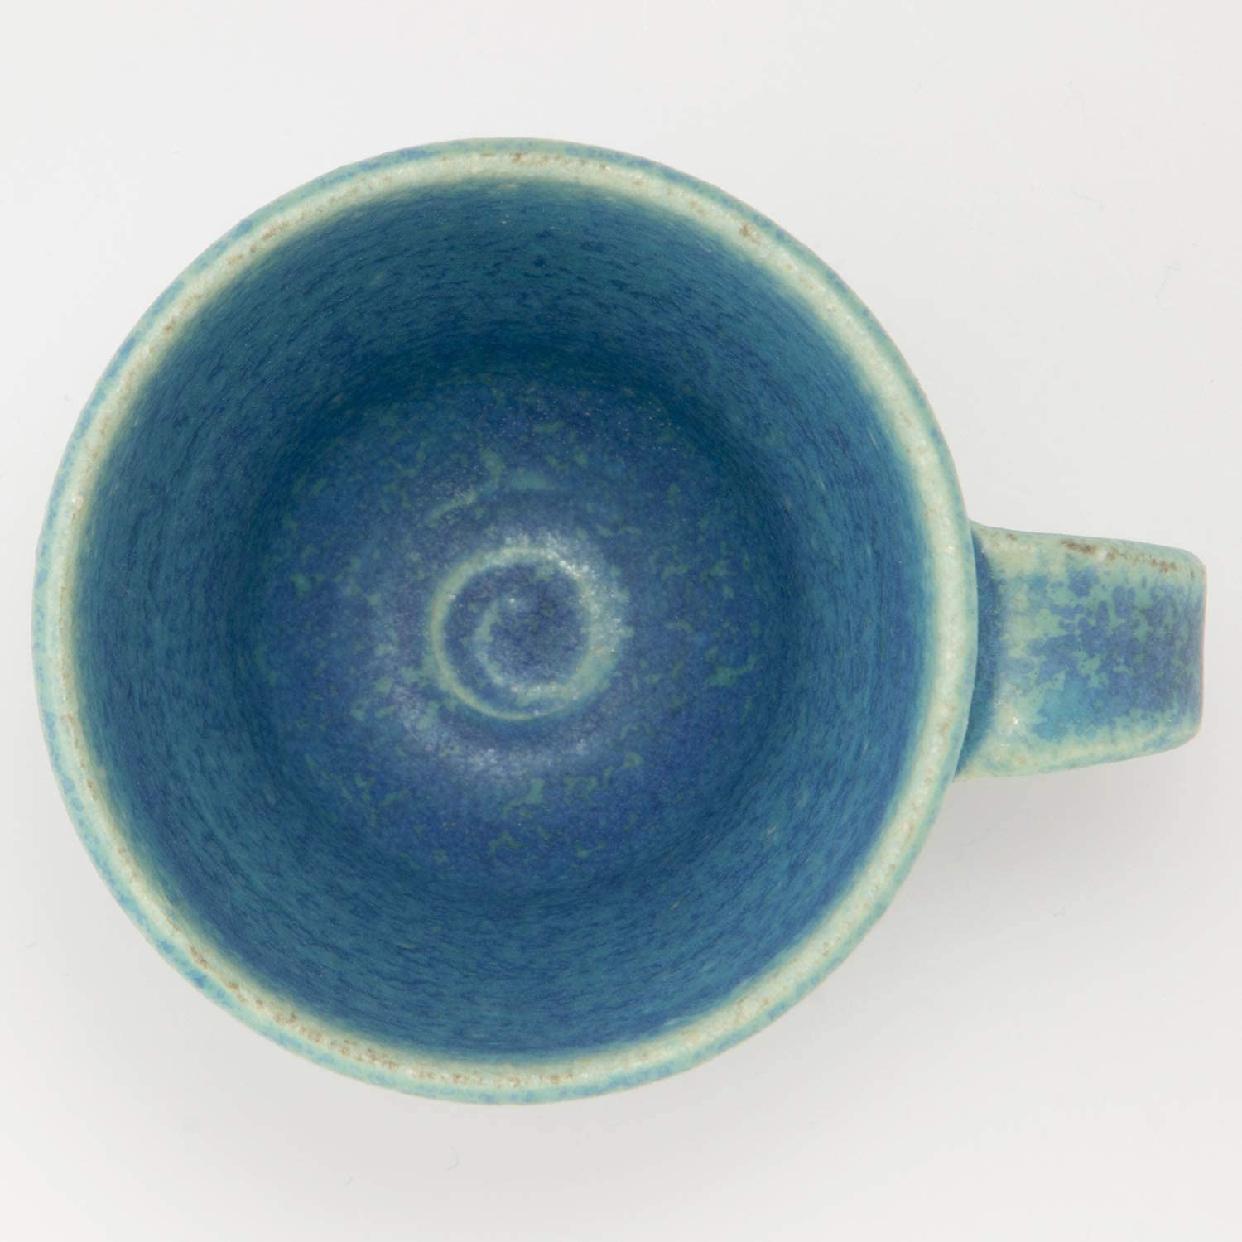 丸伊製陶 信楽焼 へちもん エスプレッソカップ 青彩釉の商品画像5